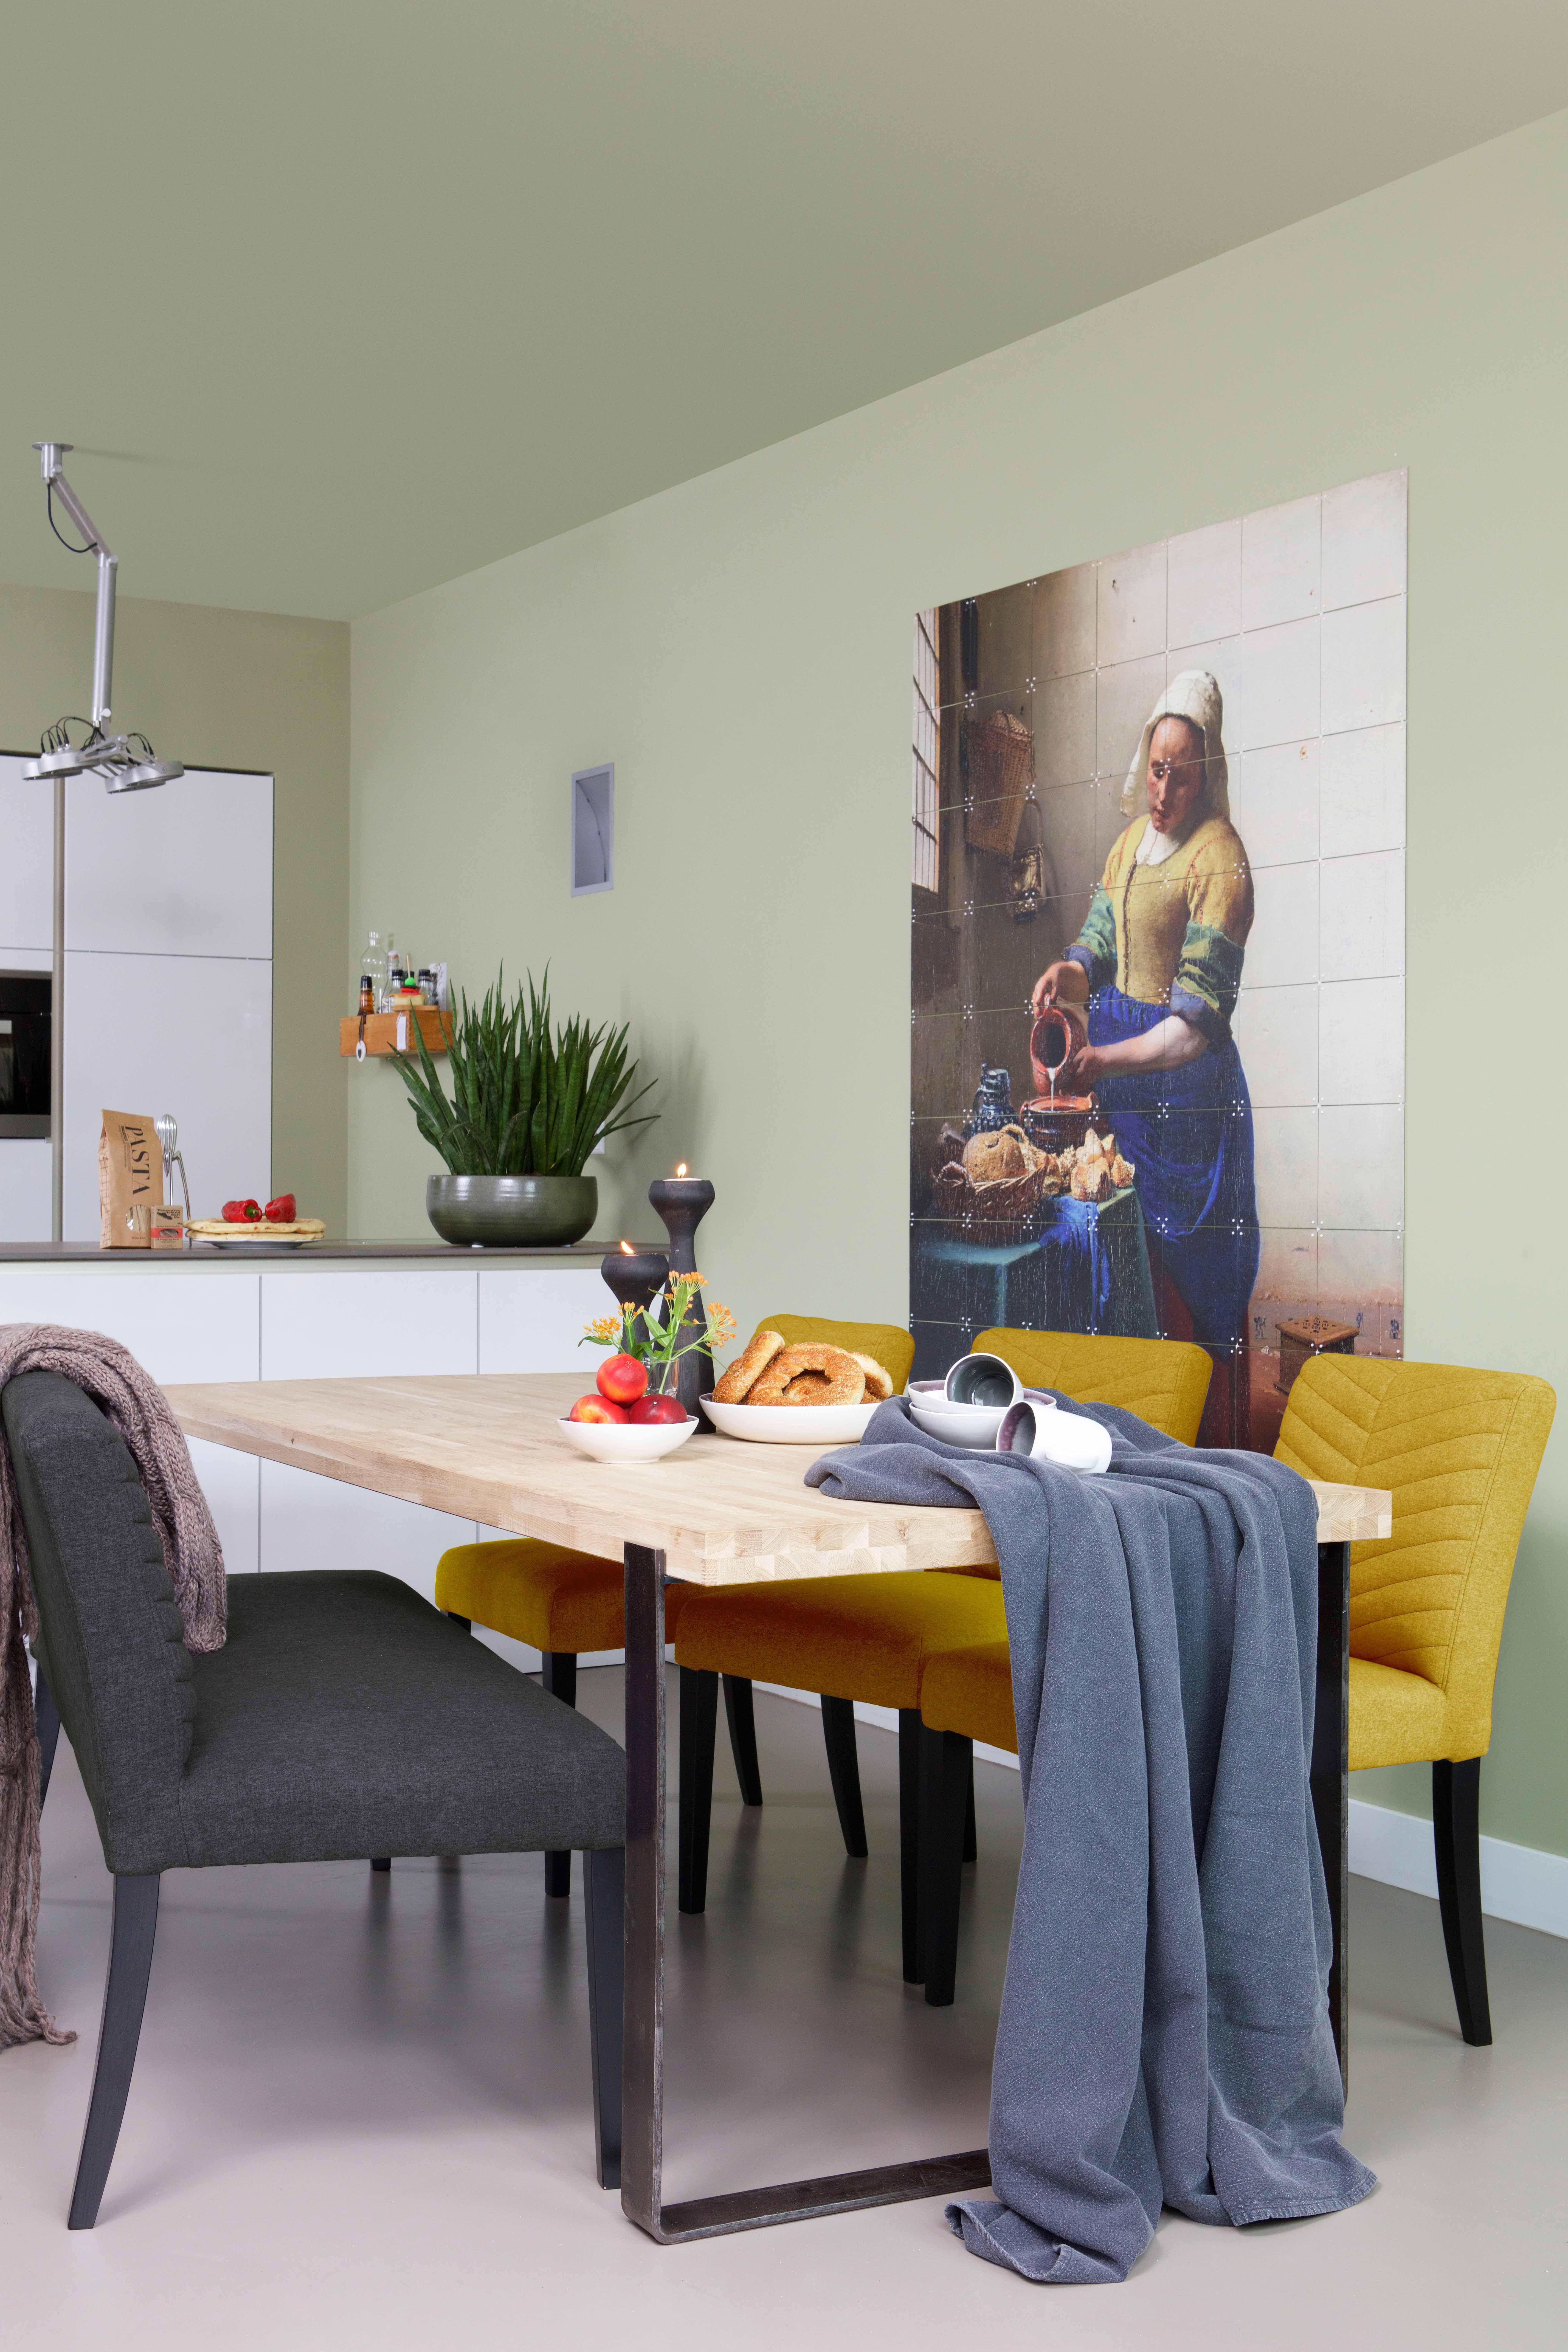 keuken in appartement binatie van oker geel en blauw in